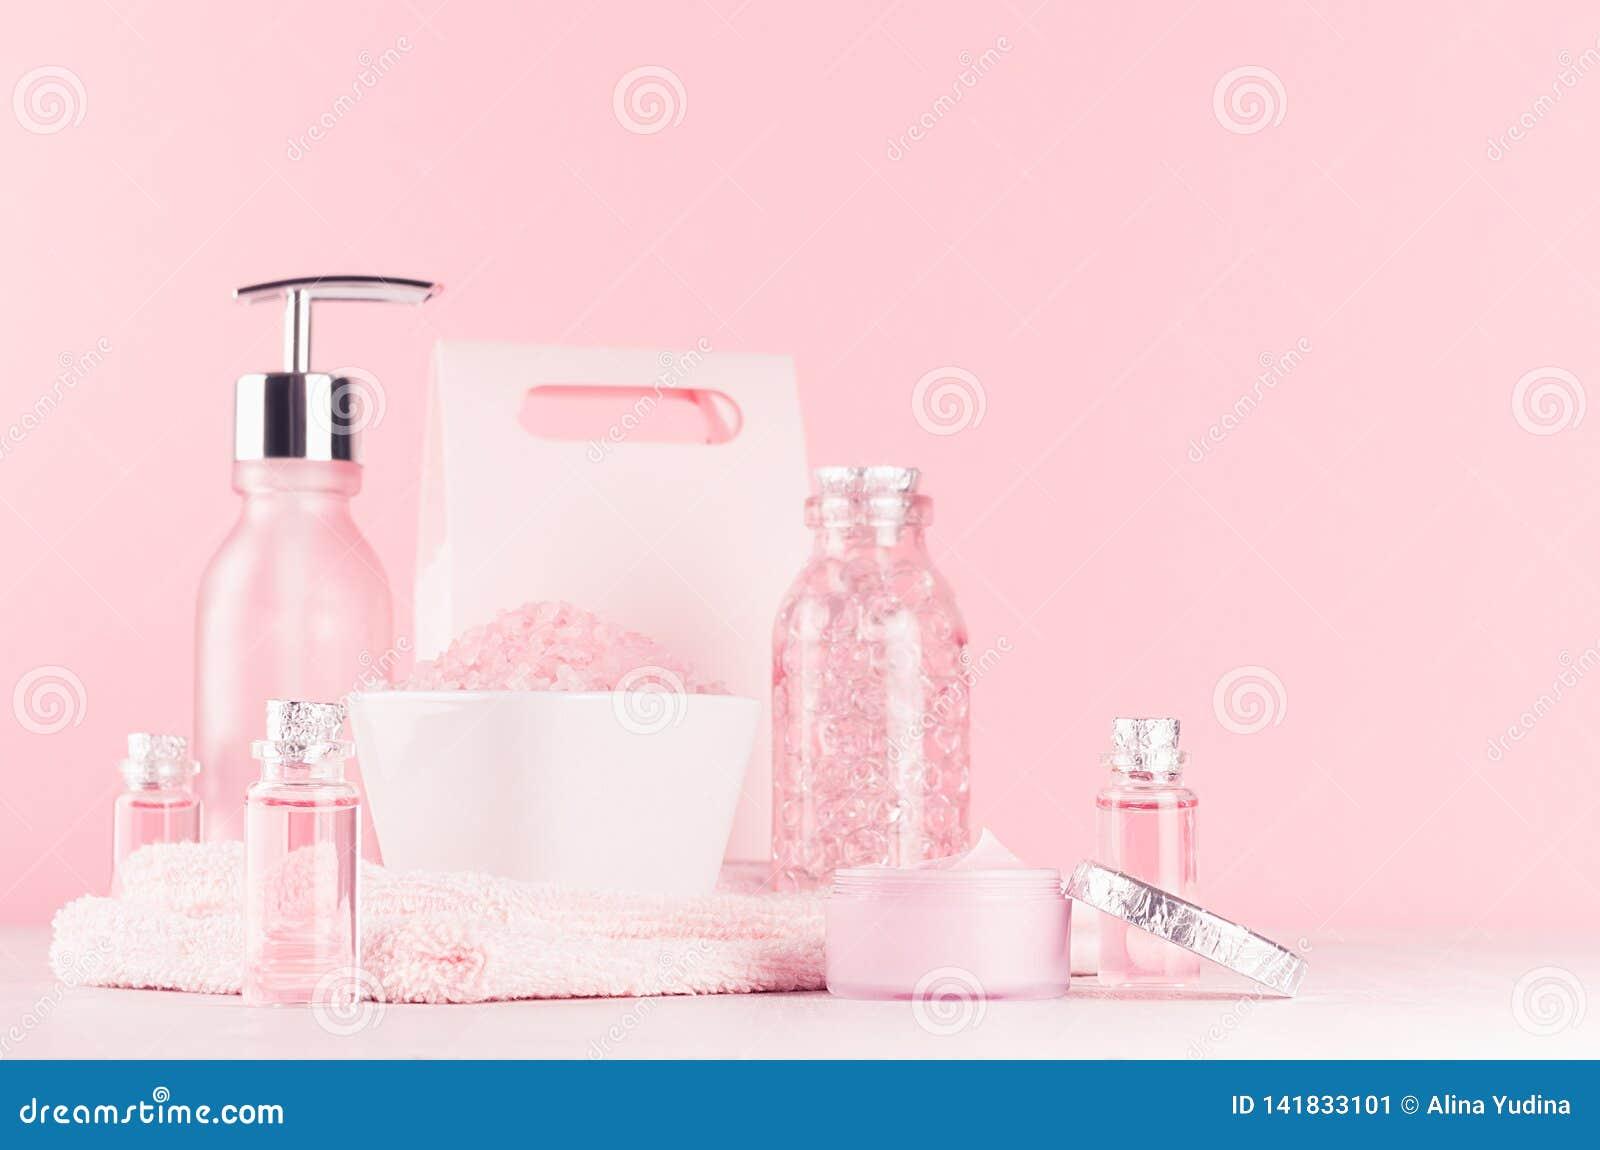 Verzacht meisjesachtige toilettafel met schoonheidsmiddelenproducten - nam olie, badzout, room, parfum, katoenen handdoek, fles e